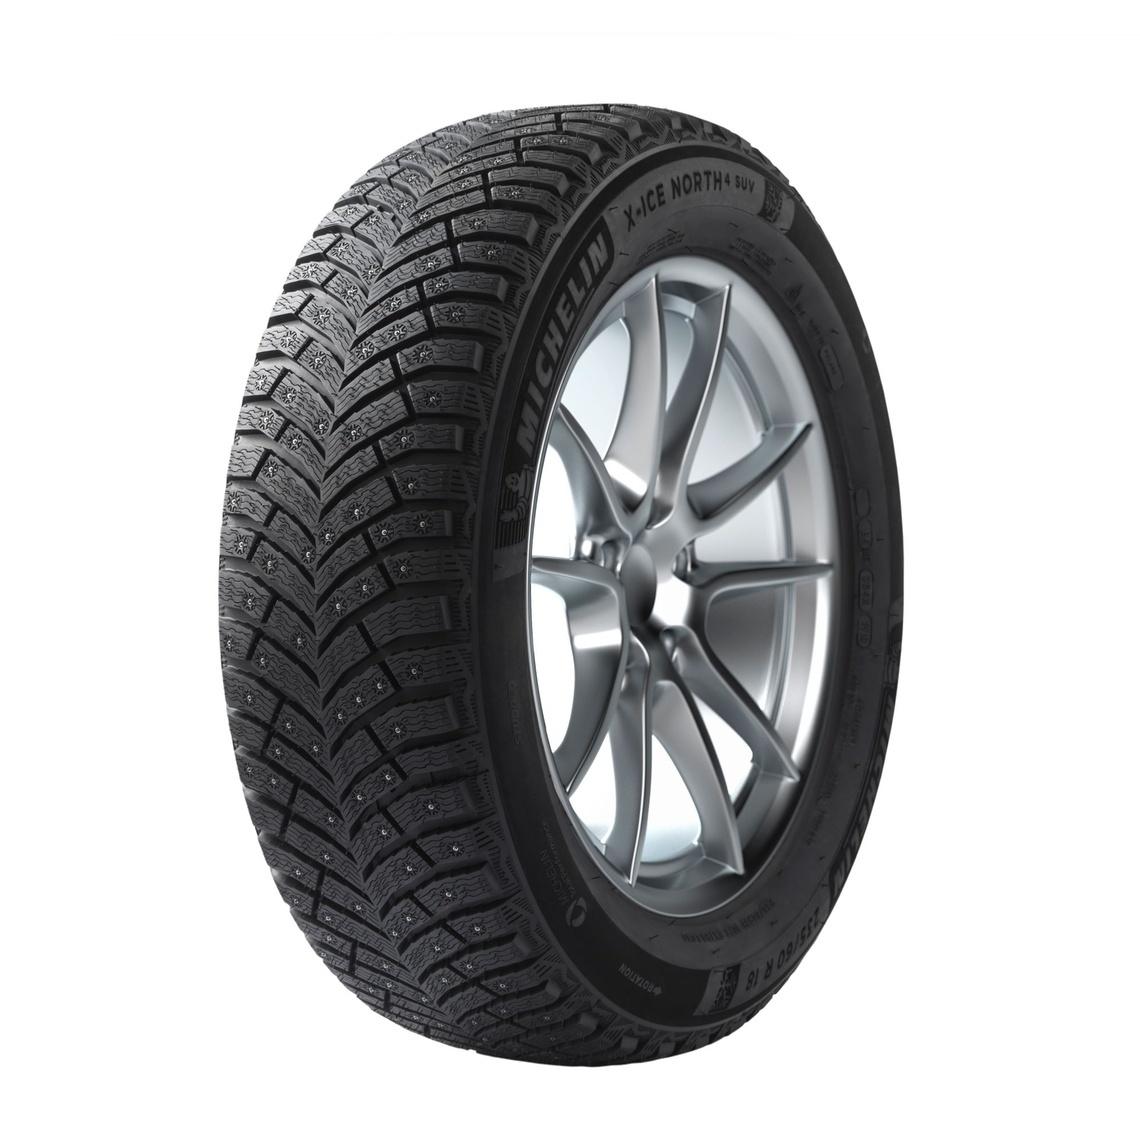 Michelin x-ice North 4 SUV -renkaat   SUV-AUTOILLE SUOMI